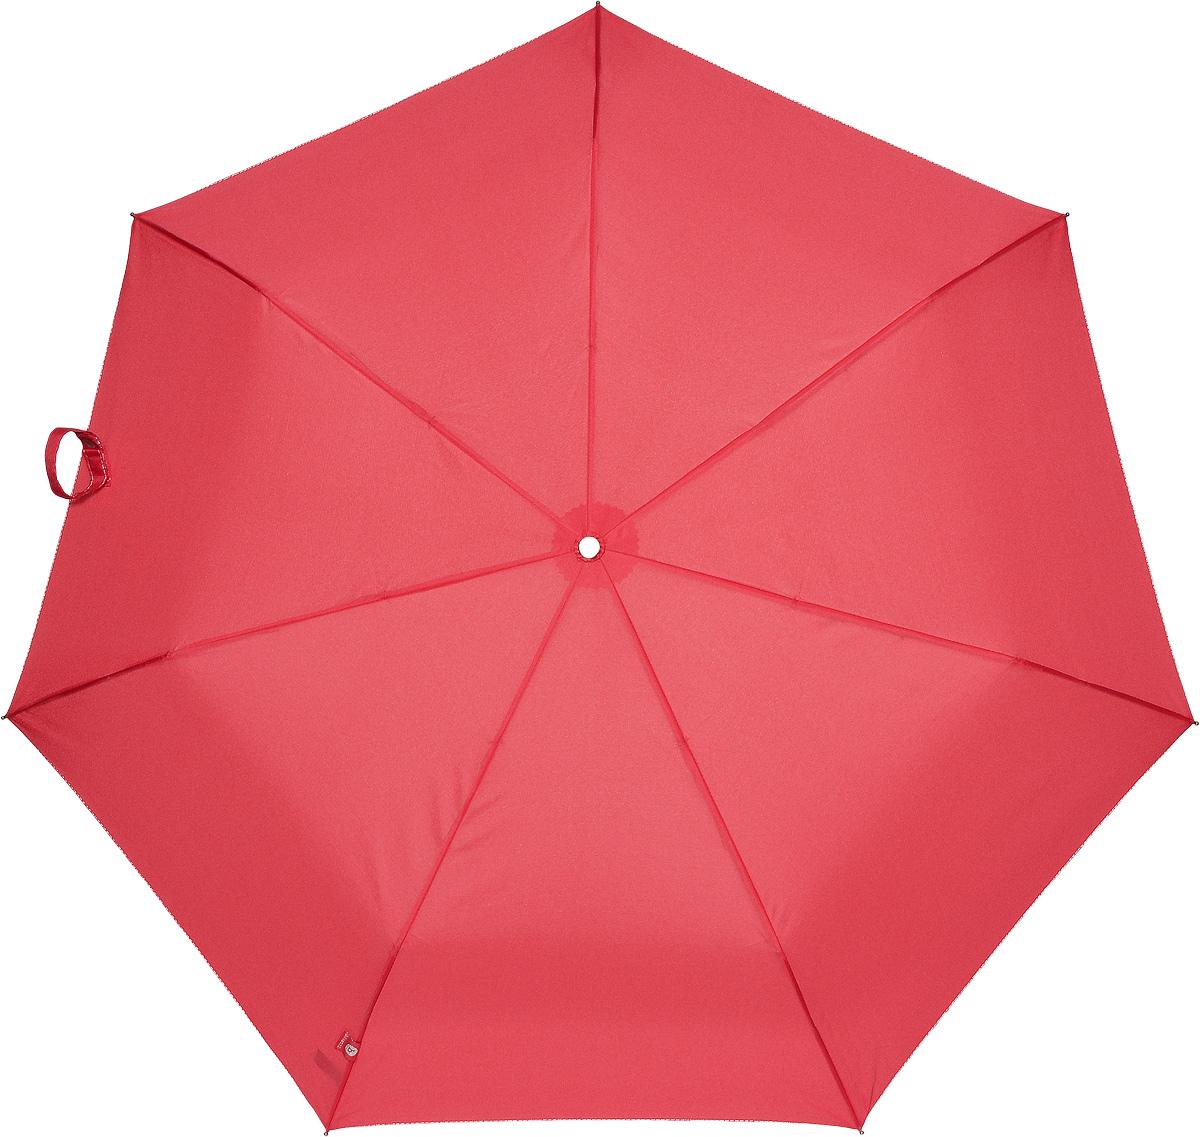 Bisetti 3580-2 Зонт полный автом. 3 сл. жен.3580-2Зонт испанского производителя Clima. В производстве зонтов используются современные материалы, что делает зонты легкими, но в то же время крепкими.Полный автомат, 3 сложения, 8 спиц по 54см, полиэстер.